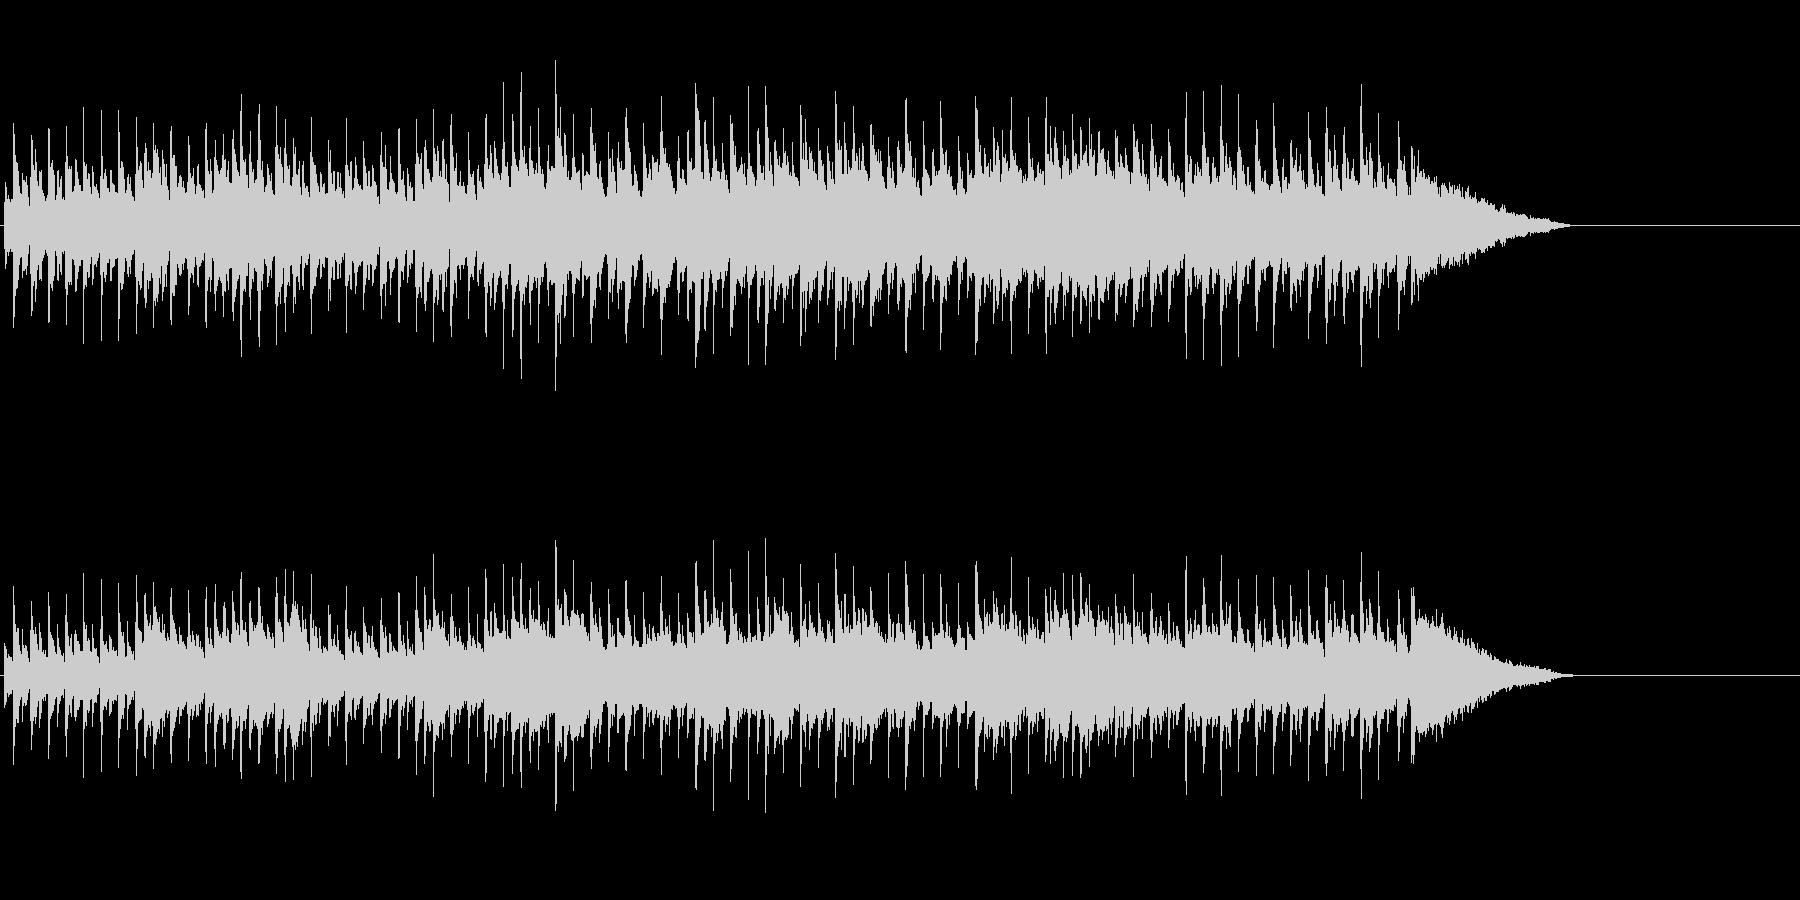 マカロニ・ウェスタン合体サウンドの未再生の波形